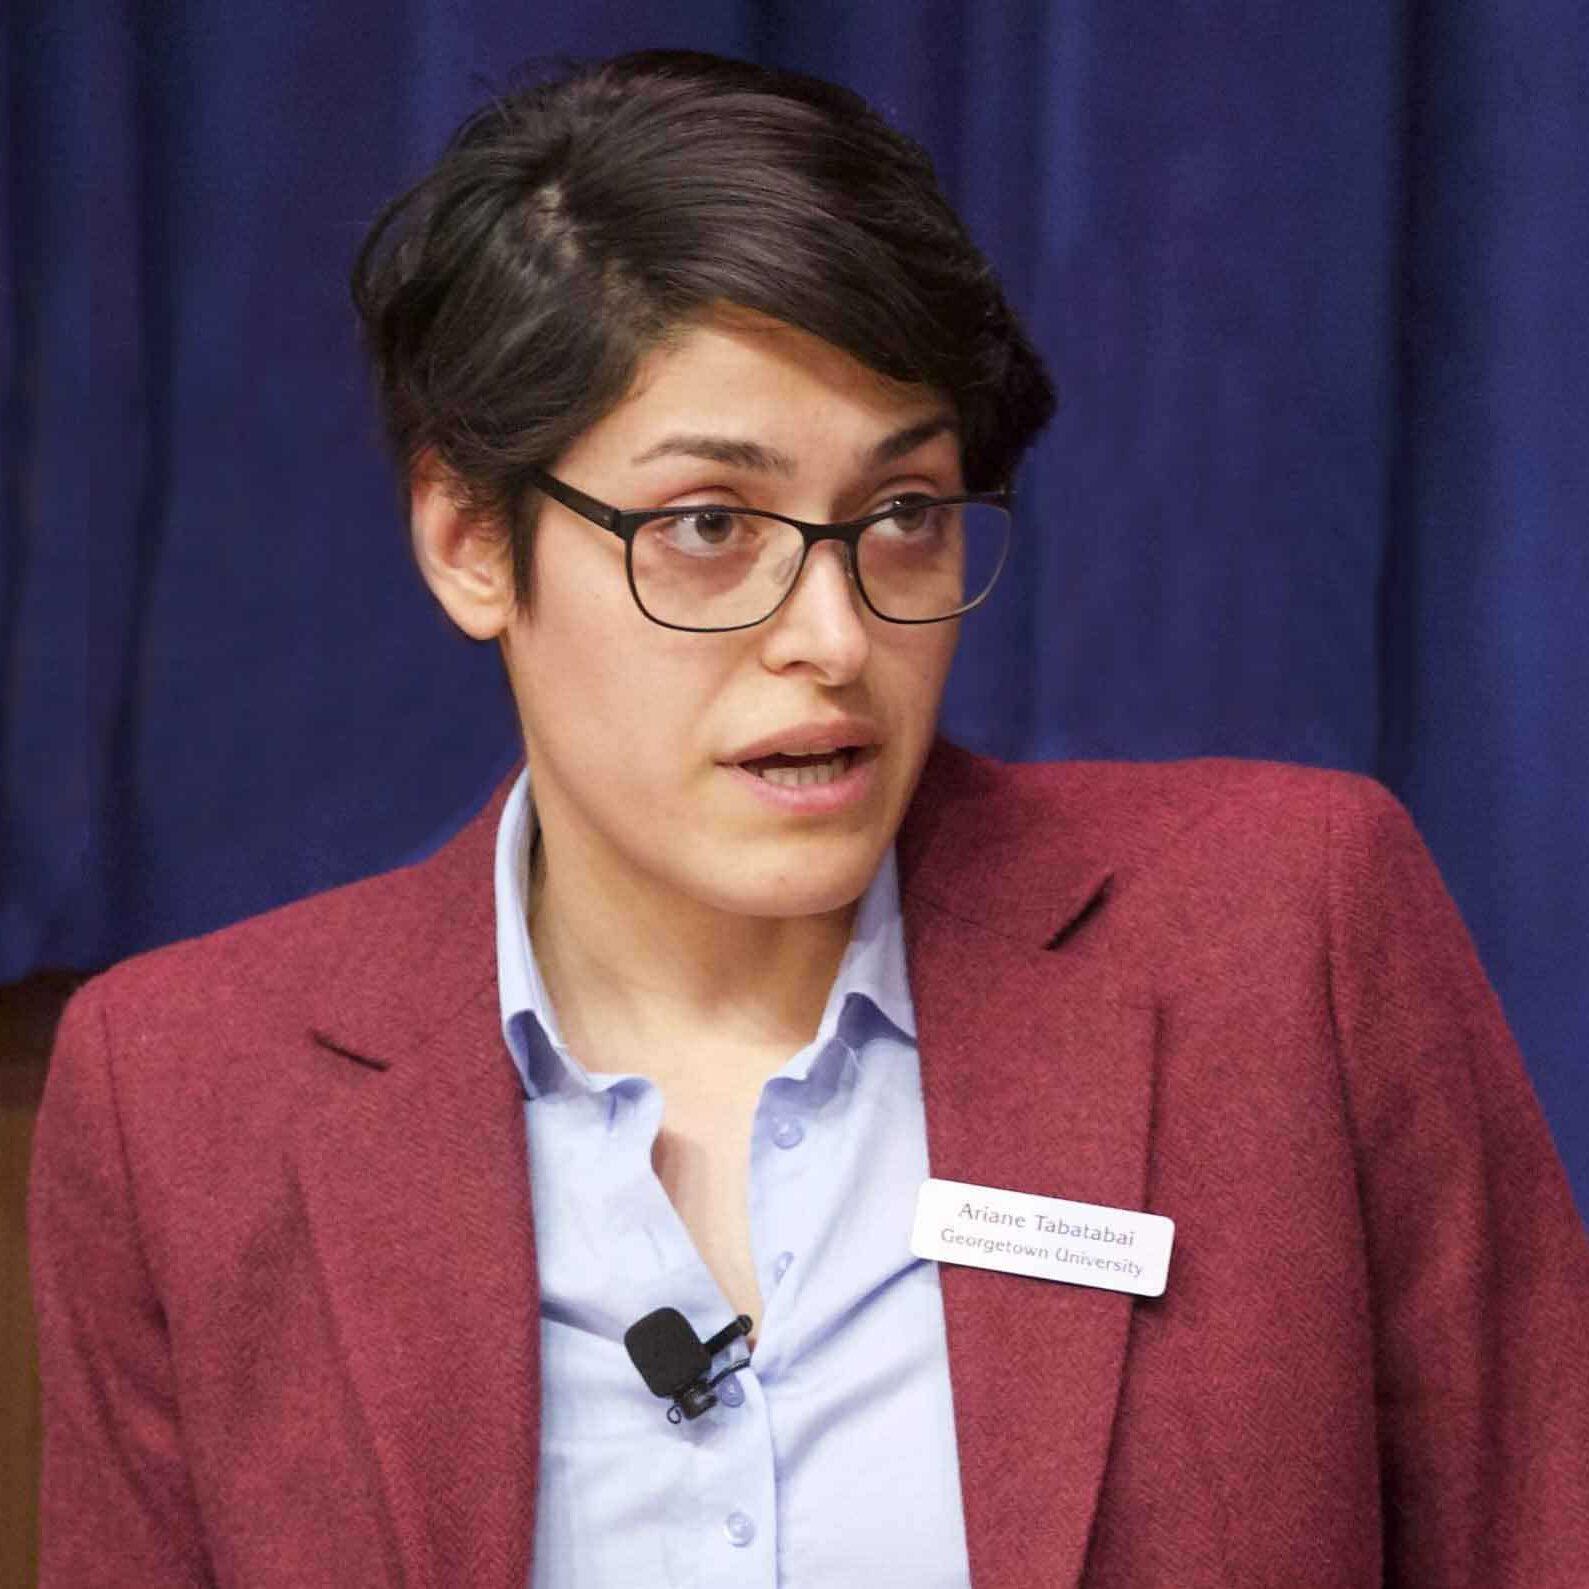 Ariane Tabatabai